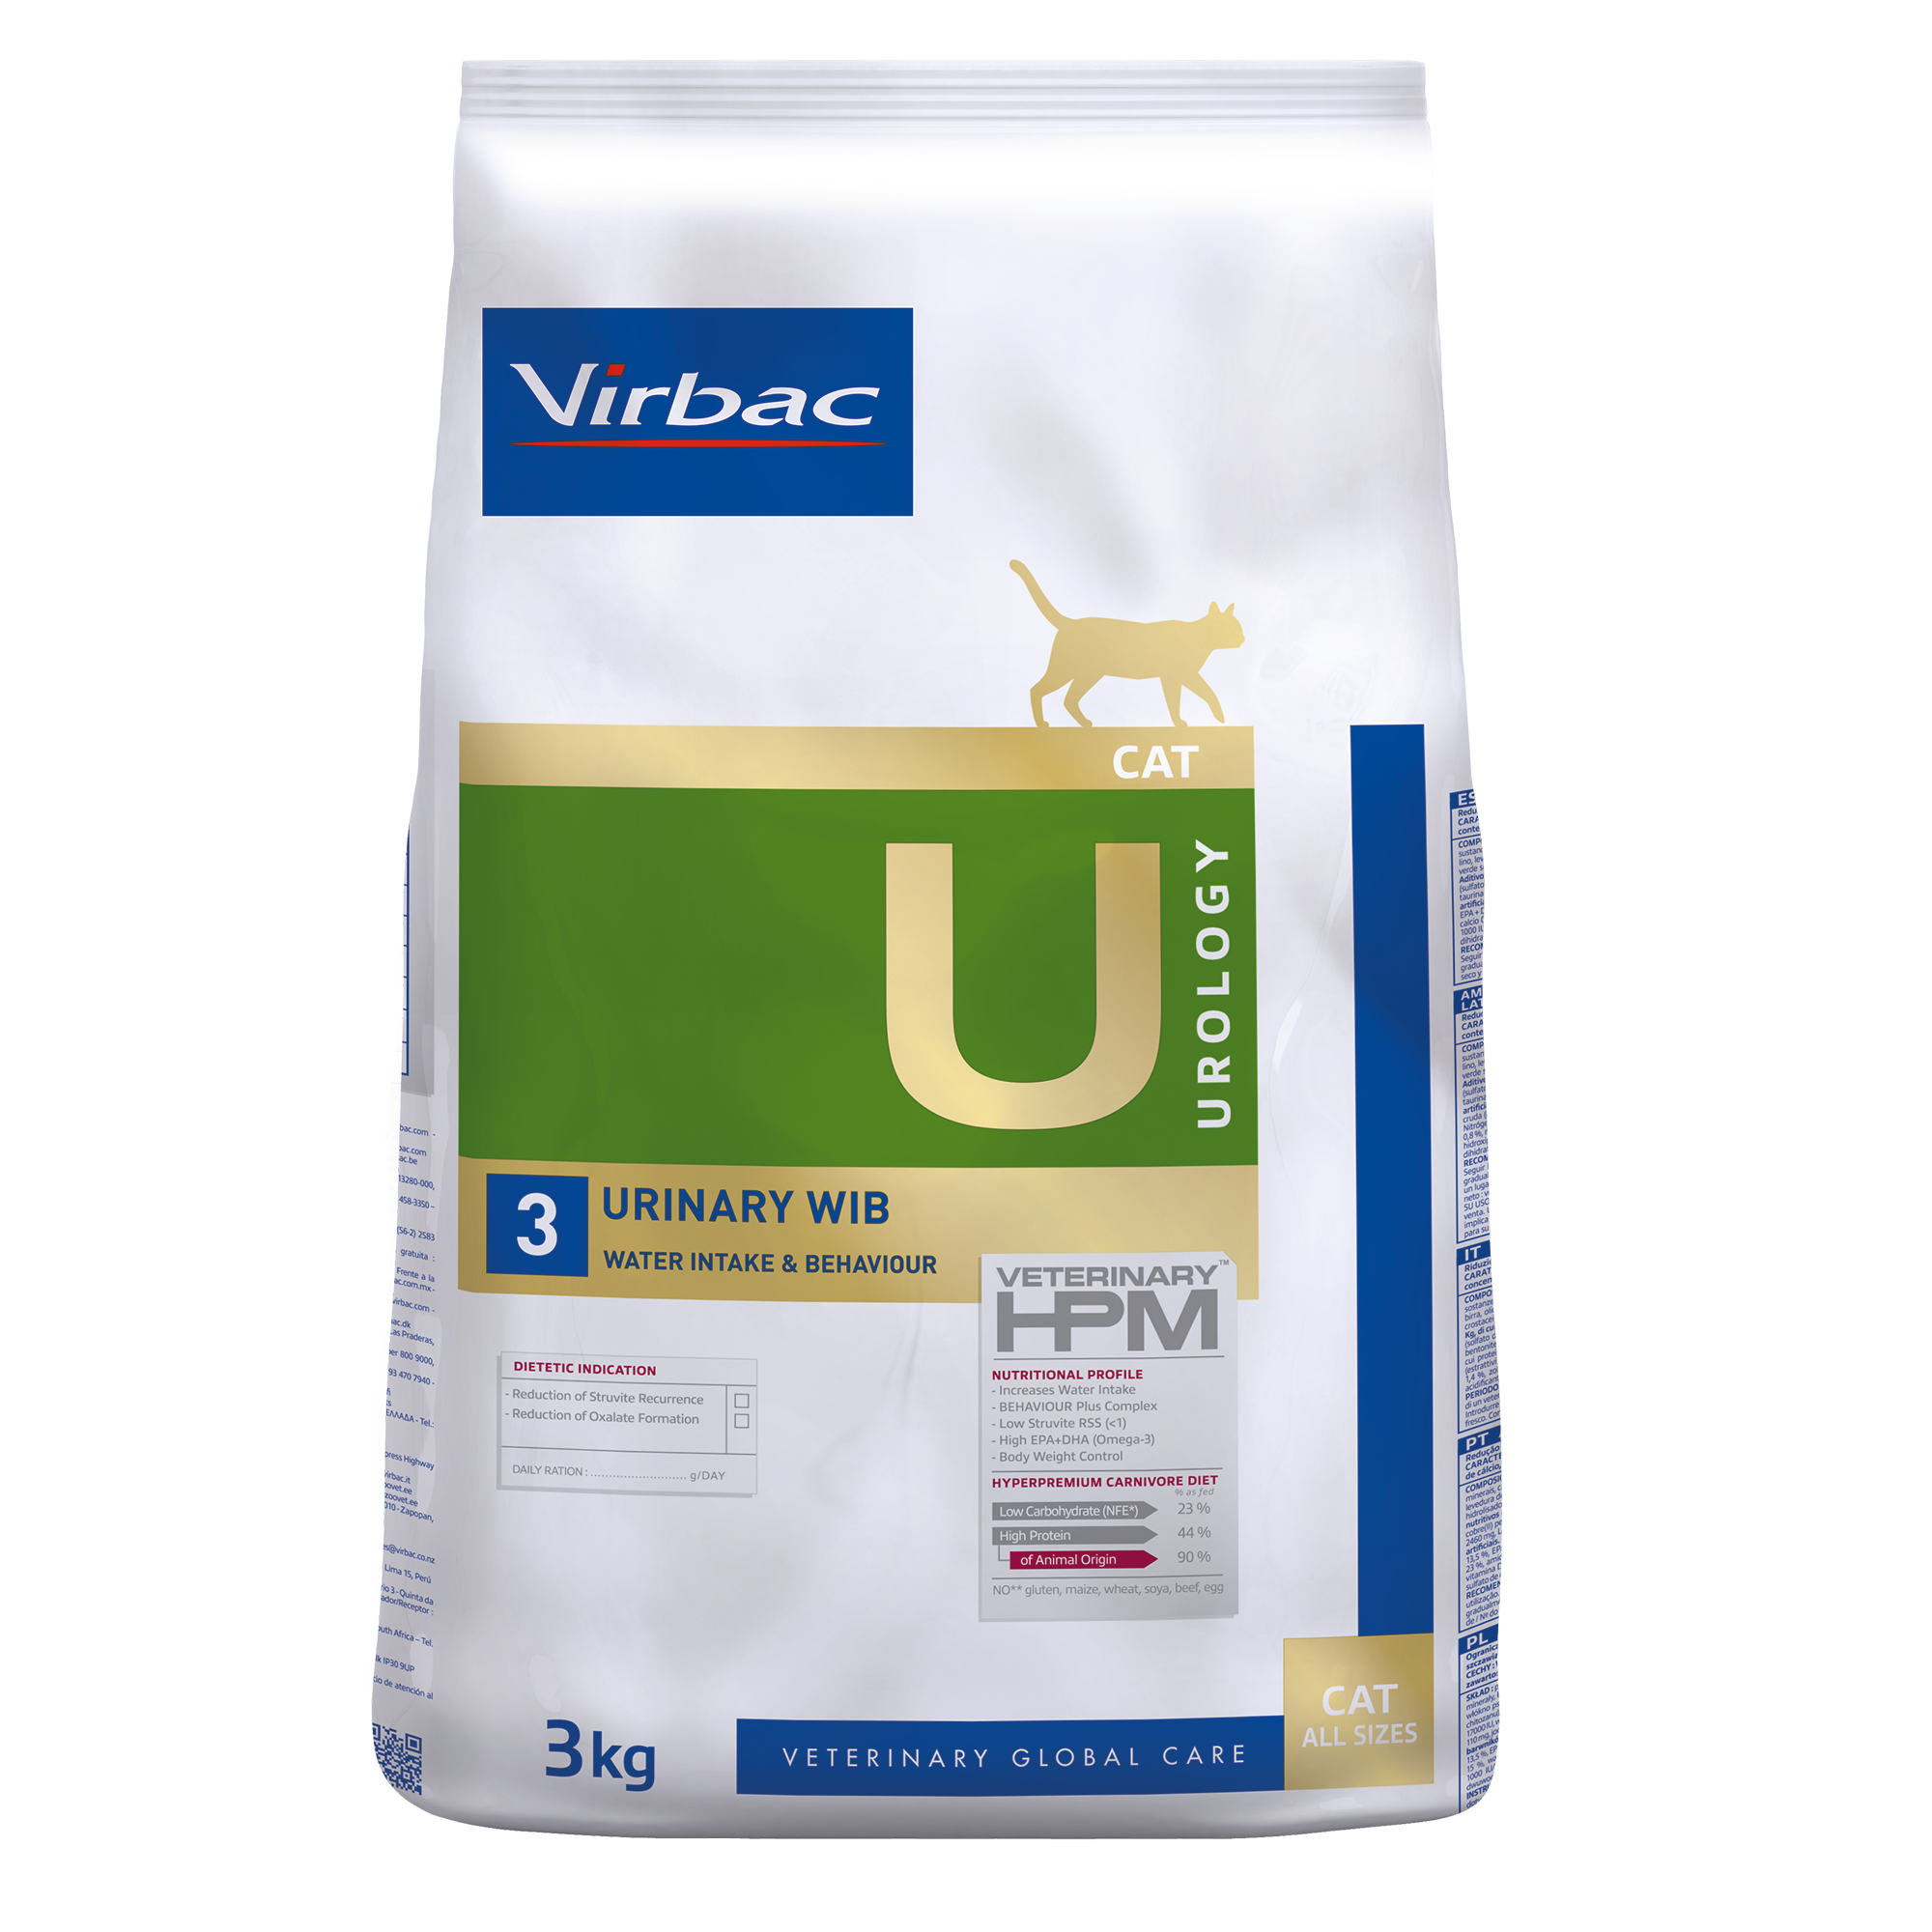 Urology 3 Cat - 3 kg